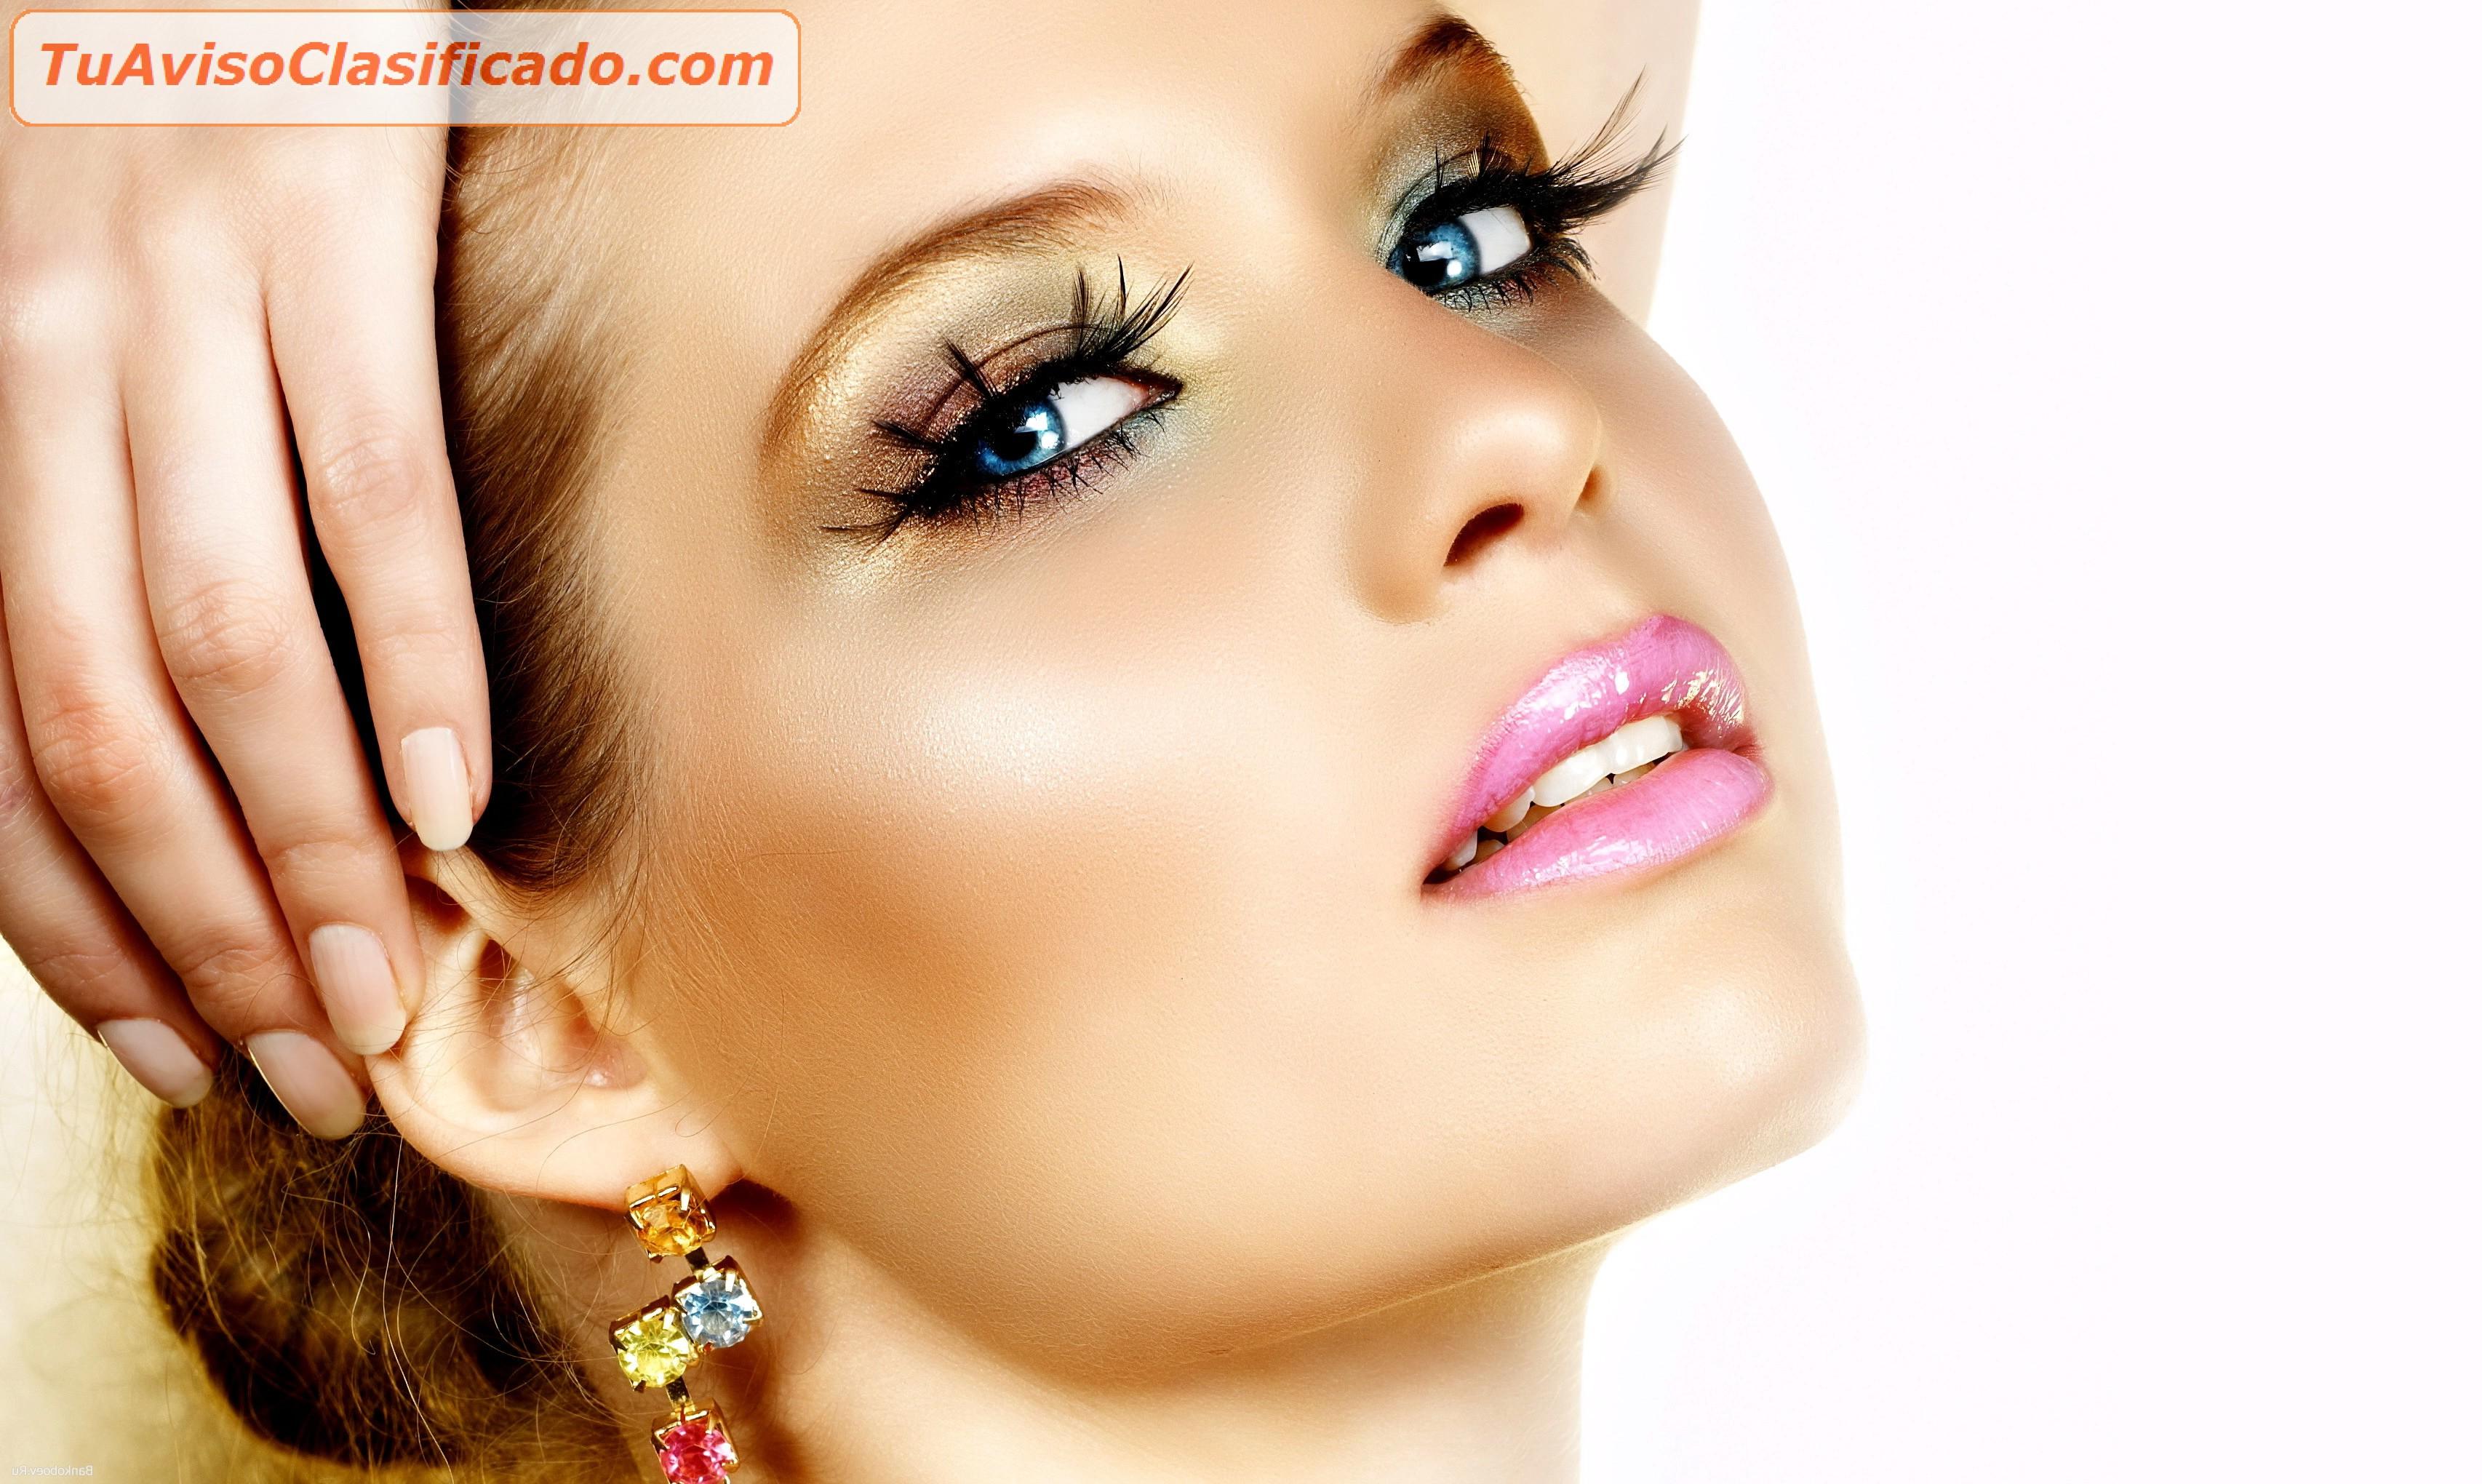 maquillaje-y-peinados-a-tu-domicilio-rm-3.jpg